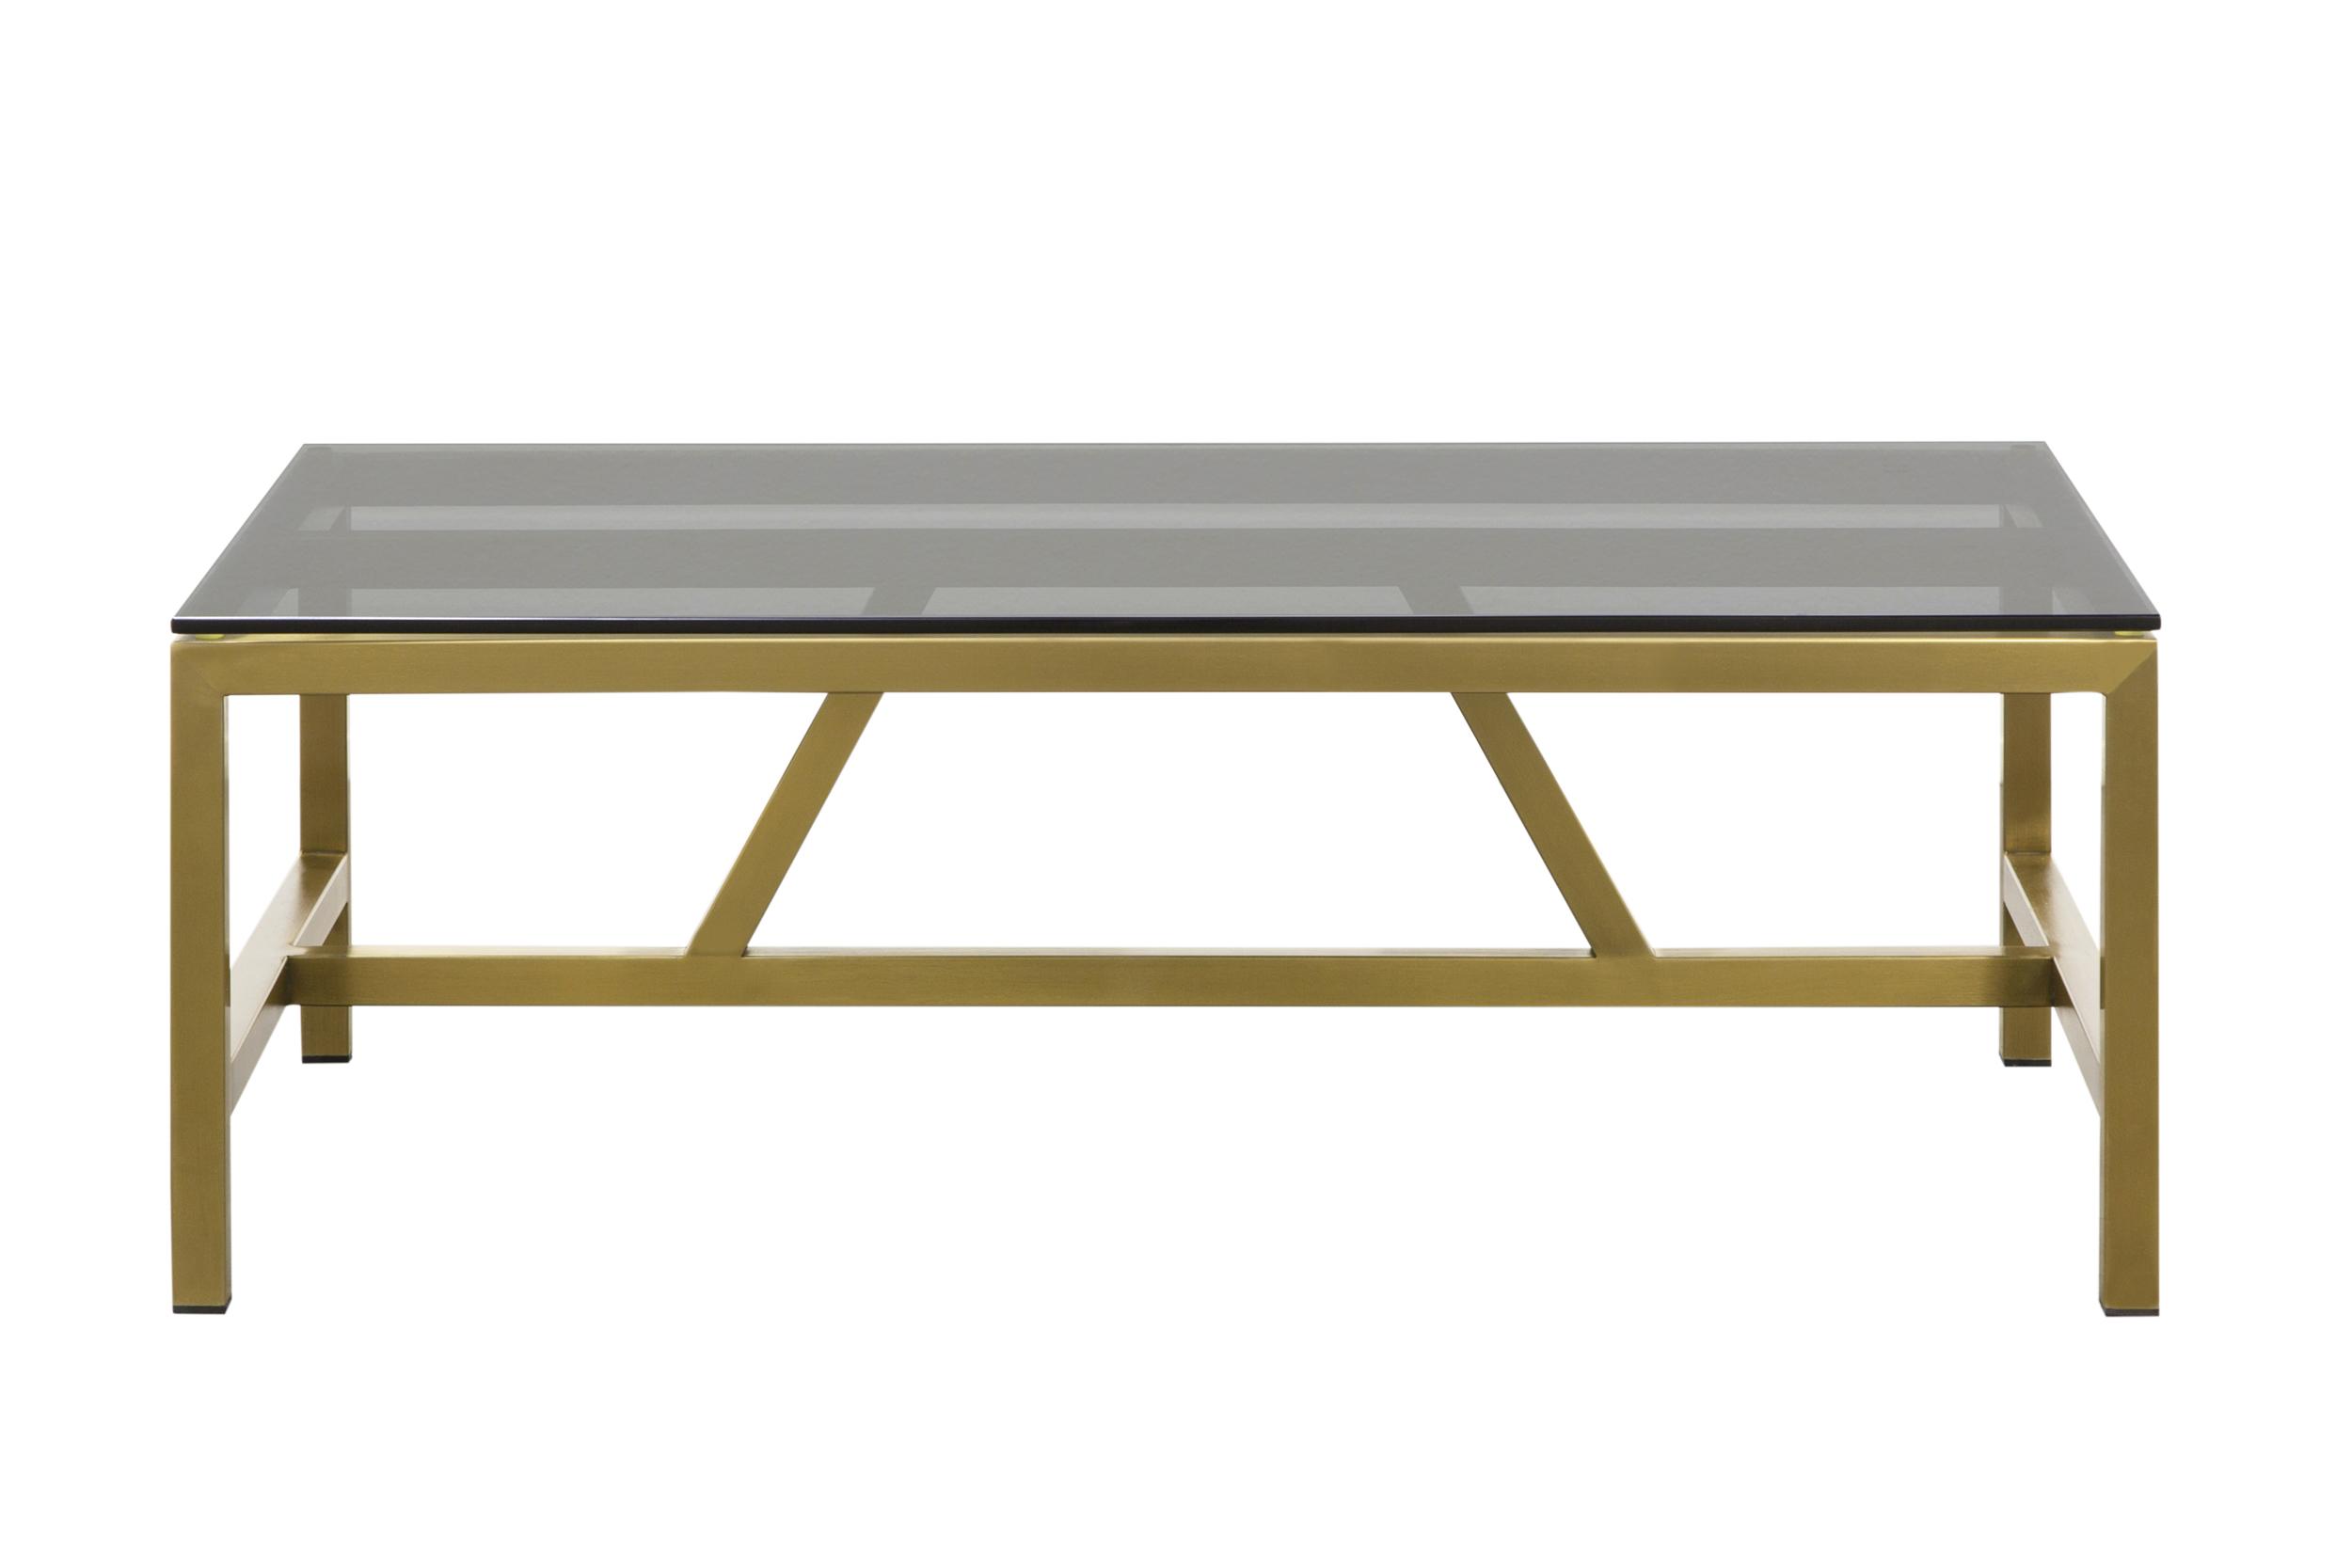 Журнальный столик TingerЖурнальные столики<br>Основание стола металлическое, столешница из тонированного стекла.<br><br>kit: None<br>gender: None